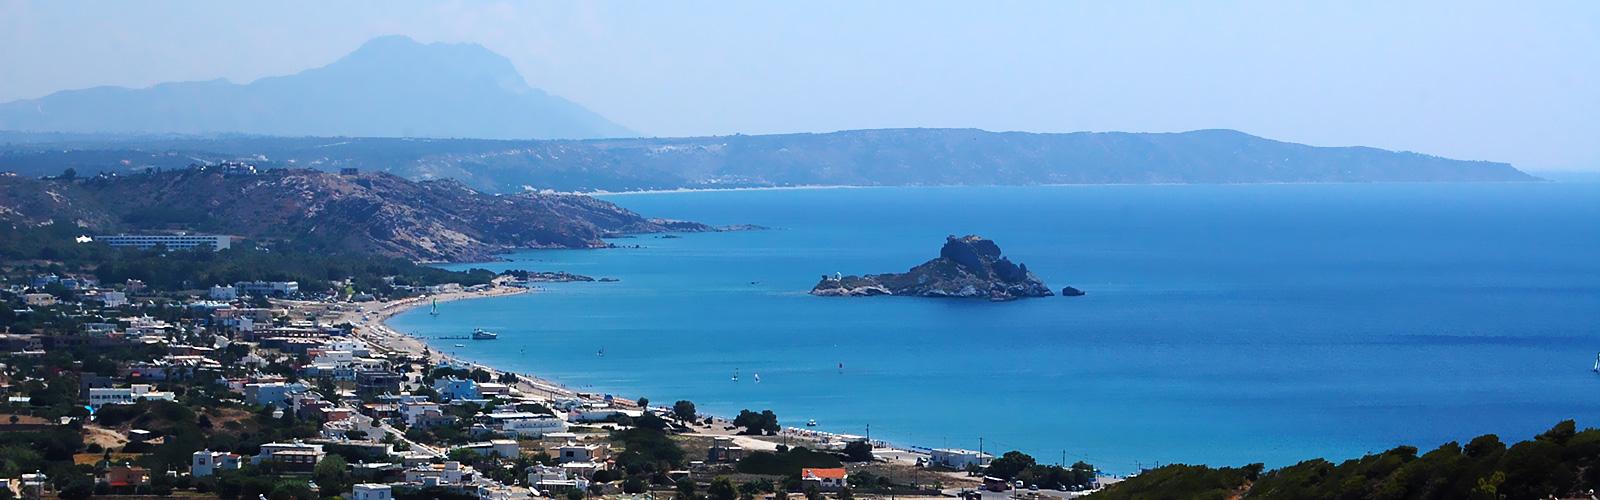 מדינת אינספור האיים והחופים: יוון על כל צדדיה (צילום: ליאור קורן)